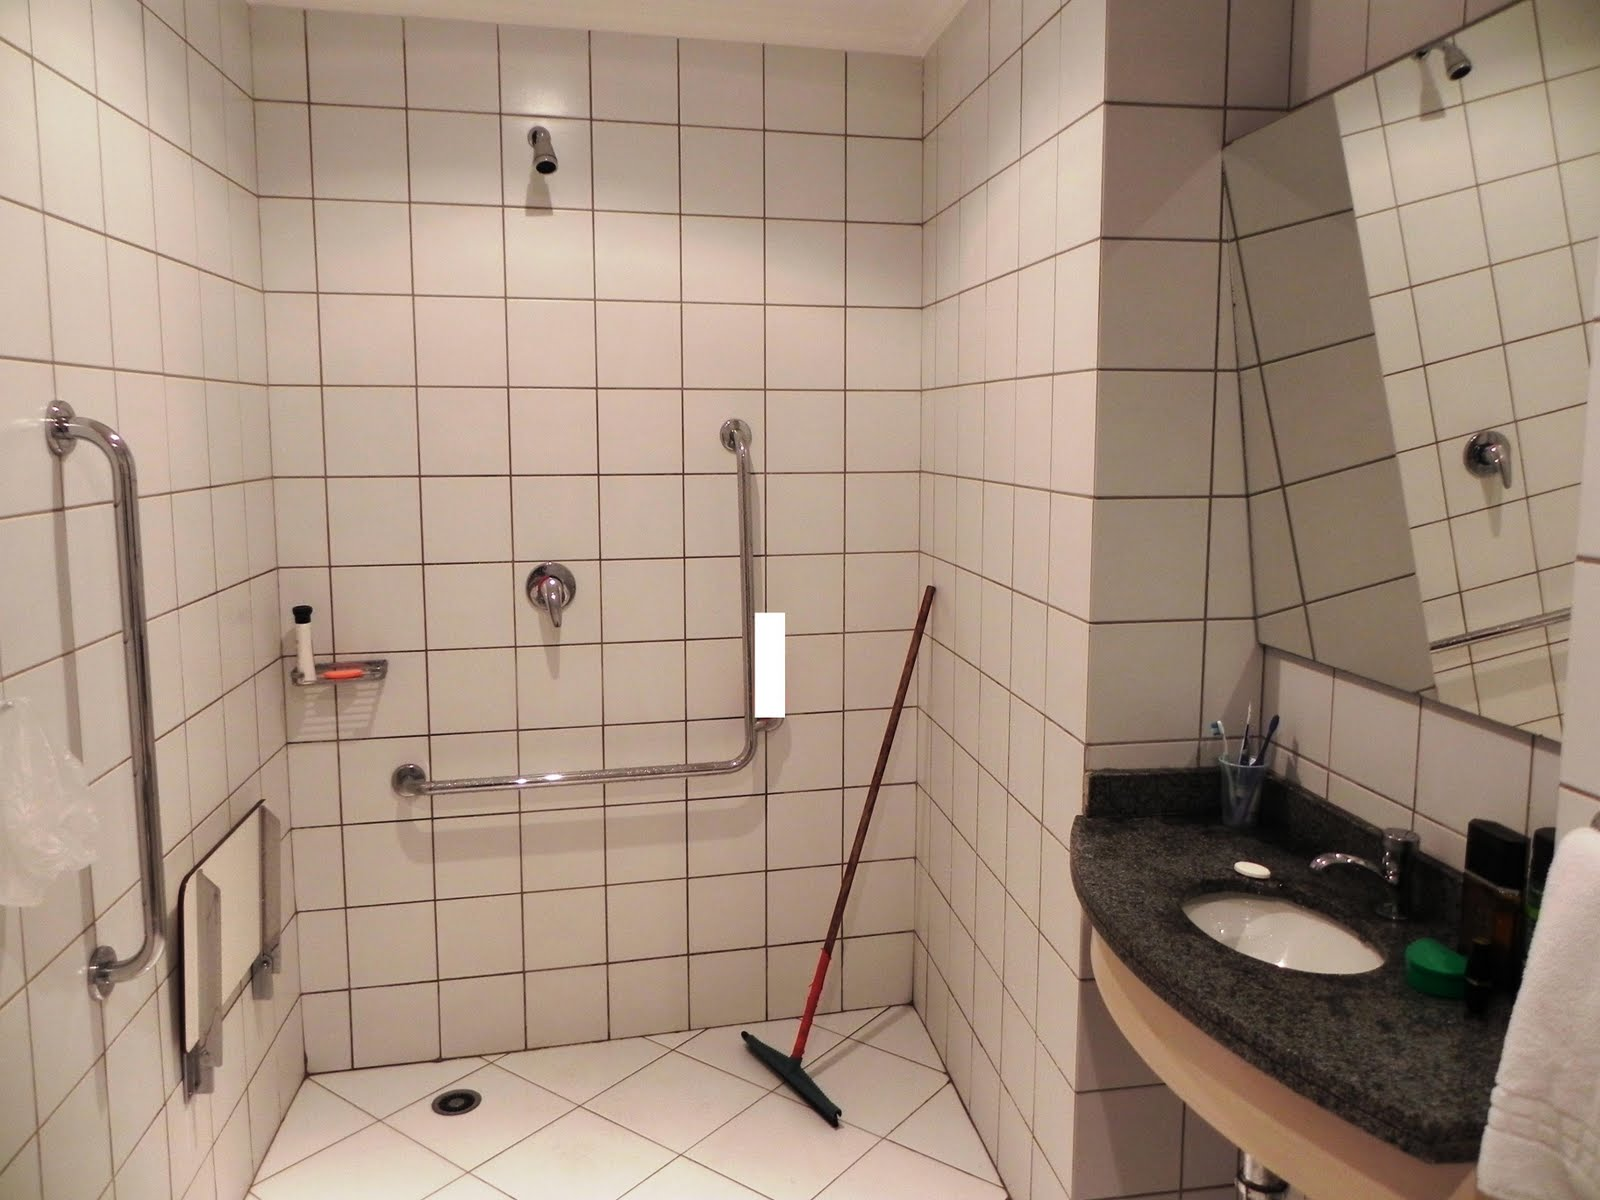 Acessibilidade na Prática: Banheiro acessível Go Inn Jaguaré  #A33A28 1600x1200 Banheiro Acessivel Planta Baixa